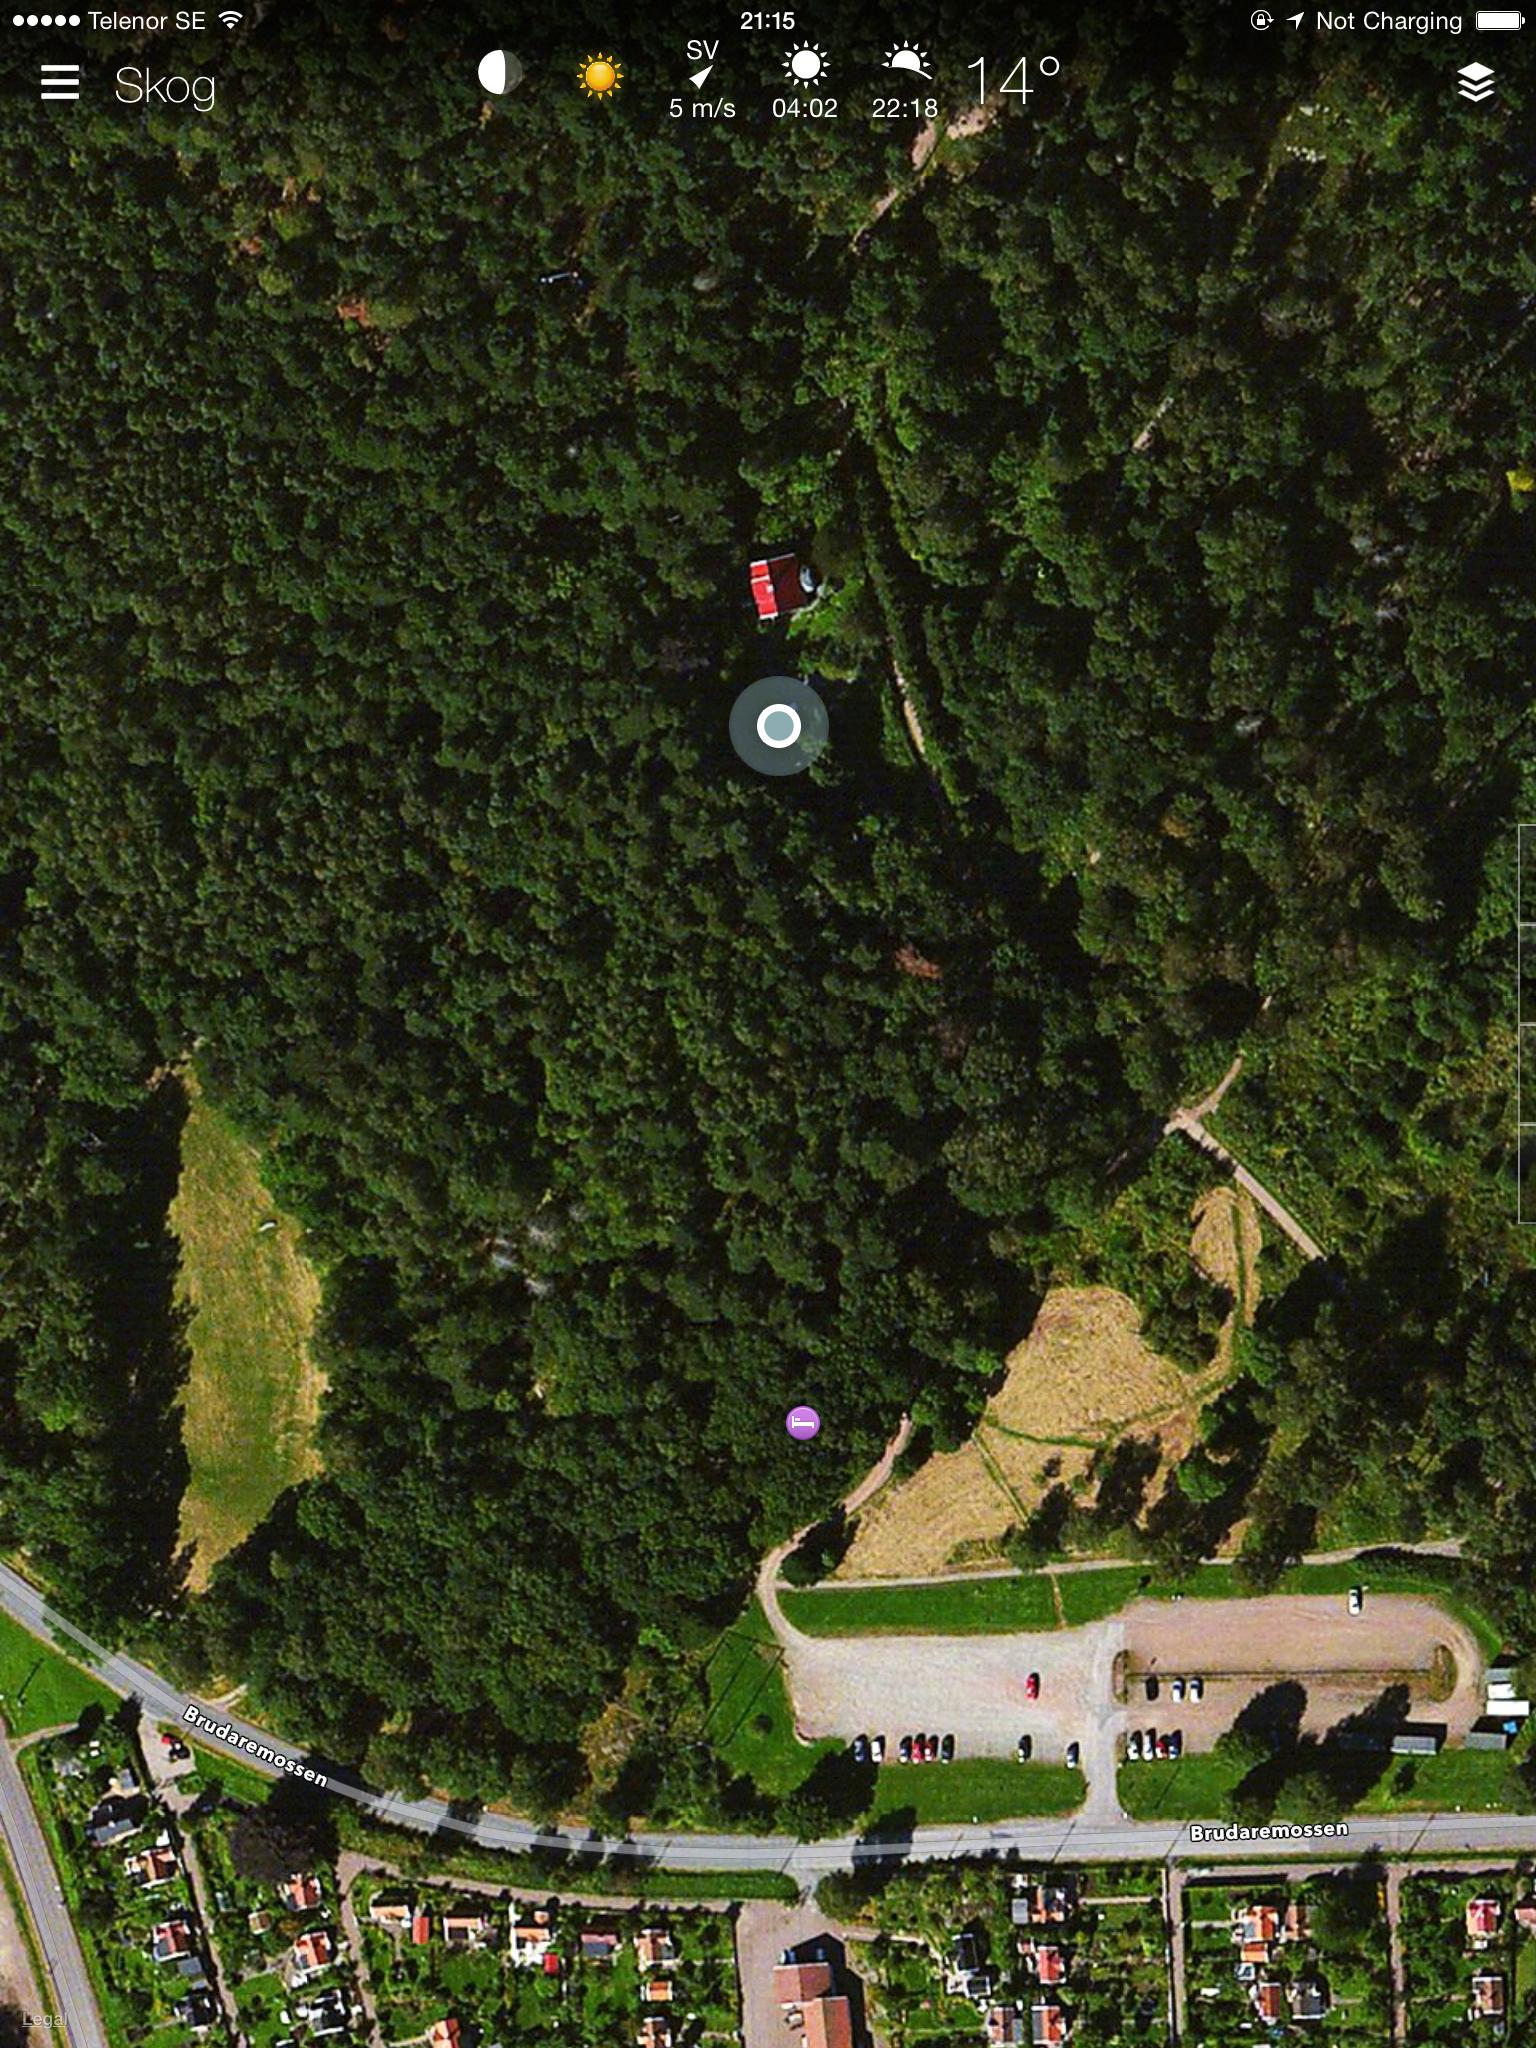 Torpet Mon Satellite image